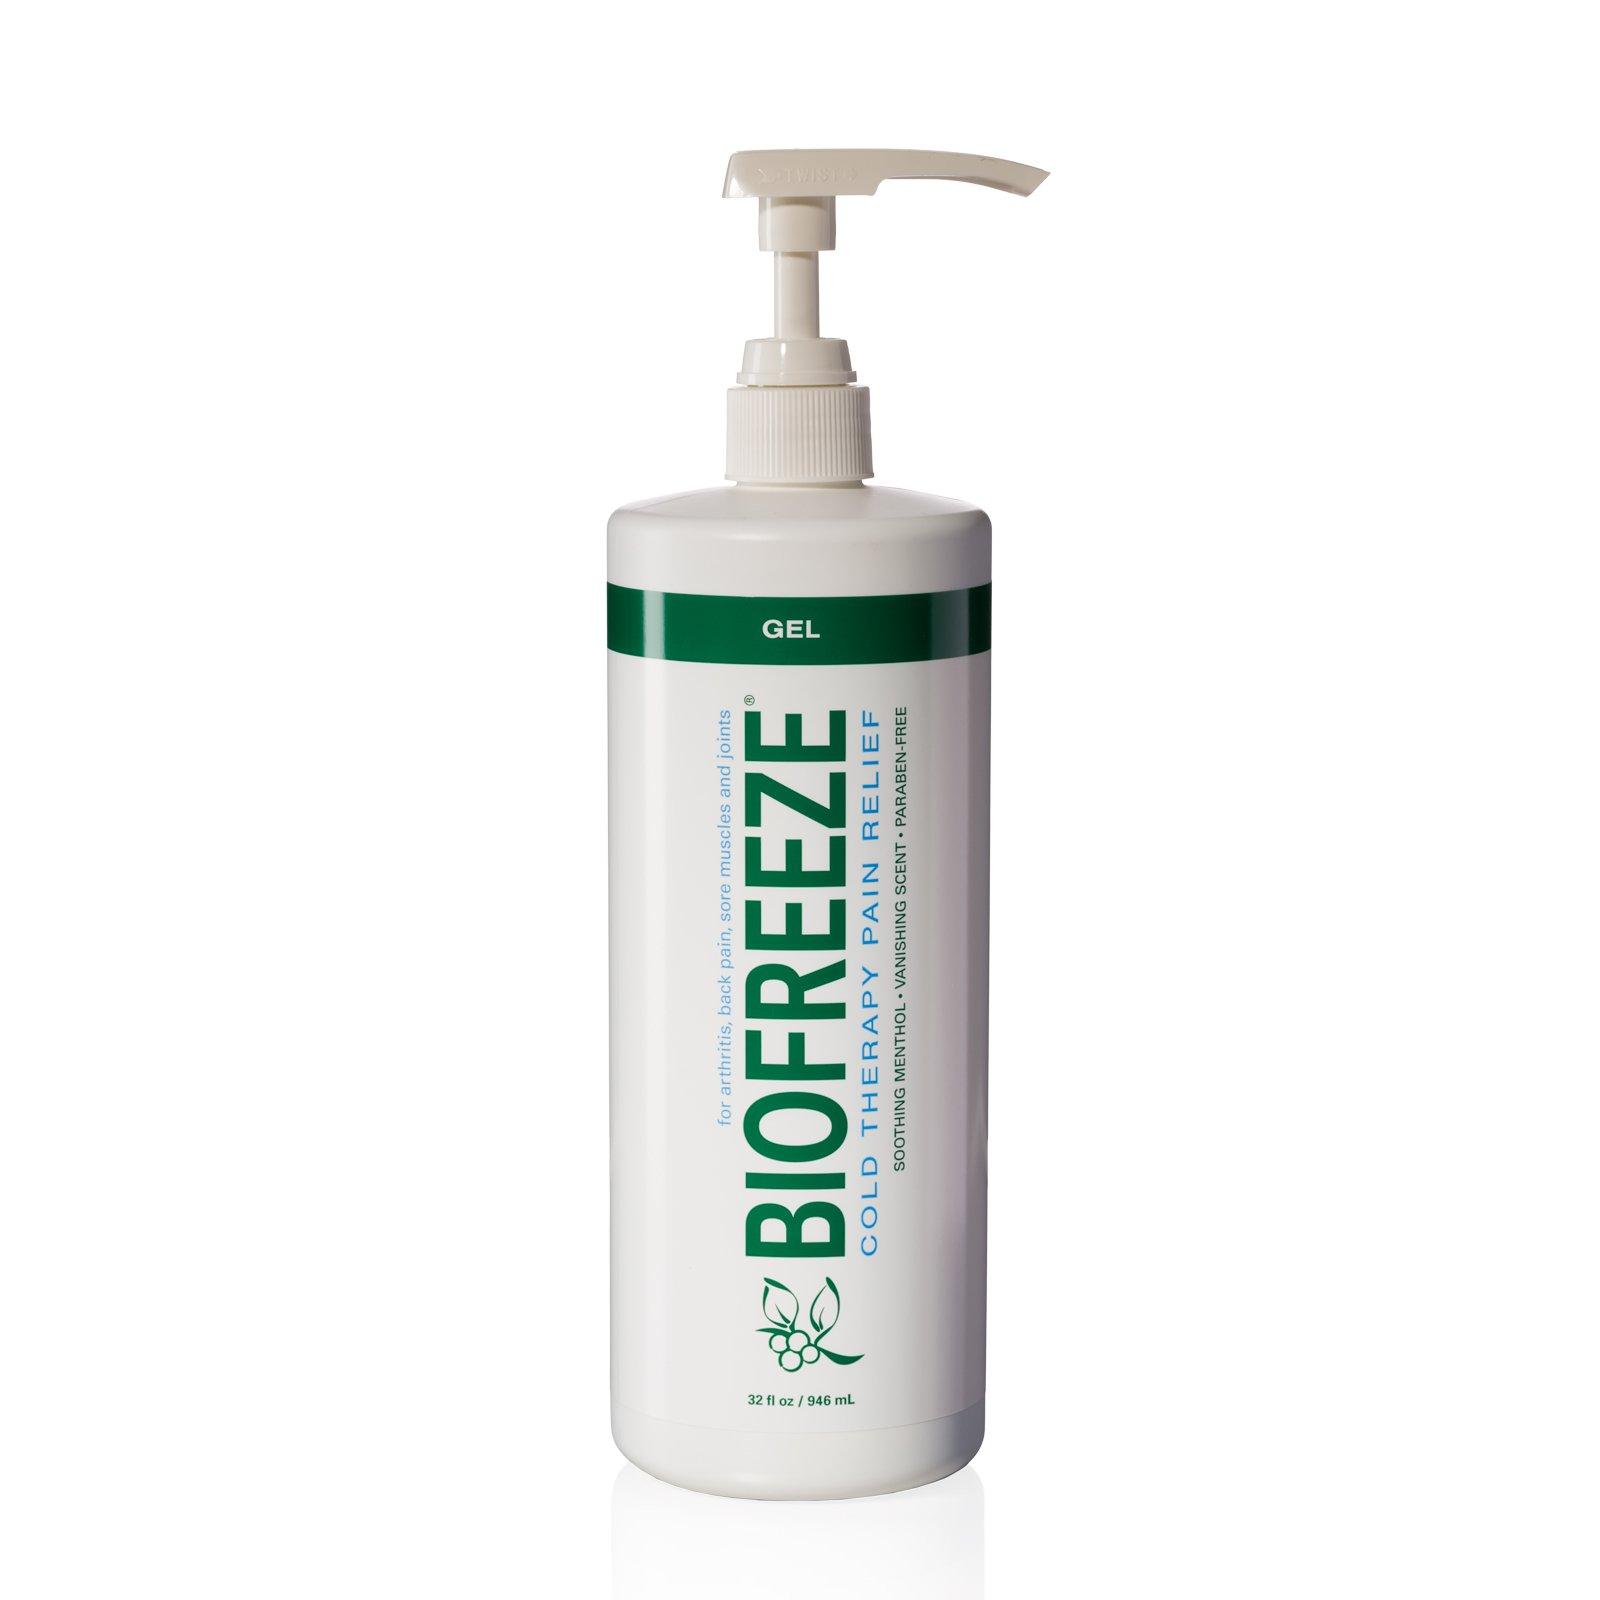 Biofreeze Pain Relief Gel, 32 oz. Pump, Green by Biofreeze